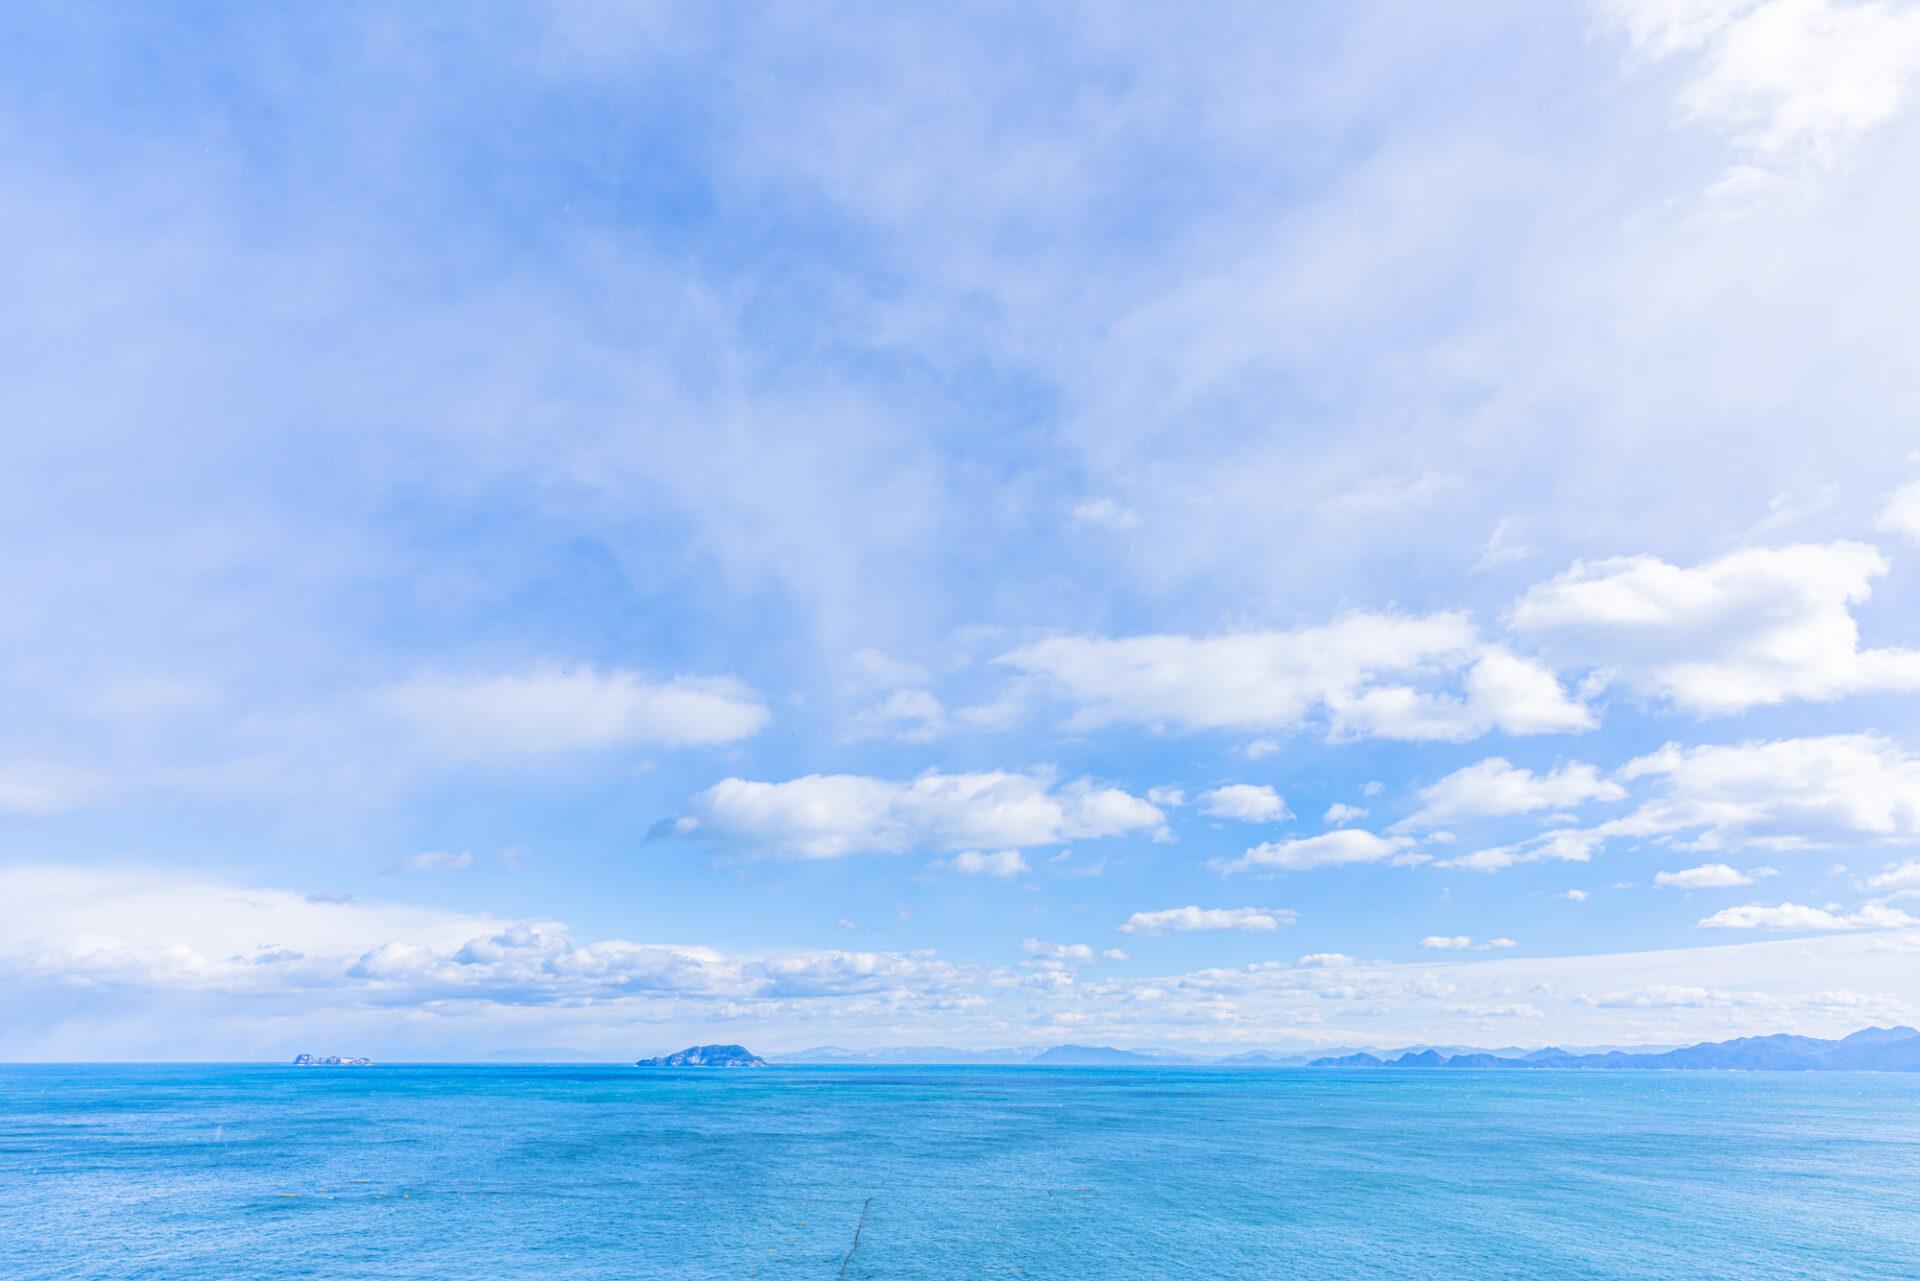 空と海が広がる